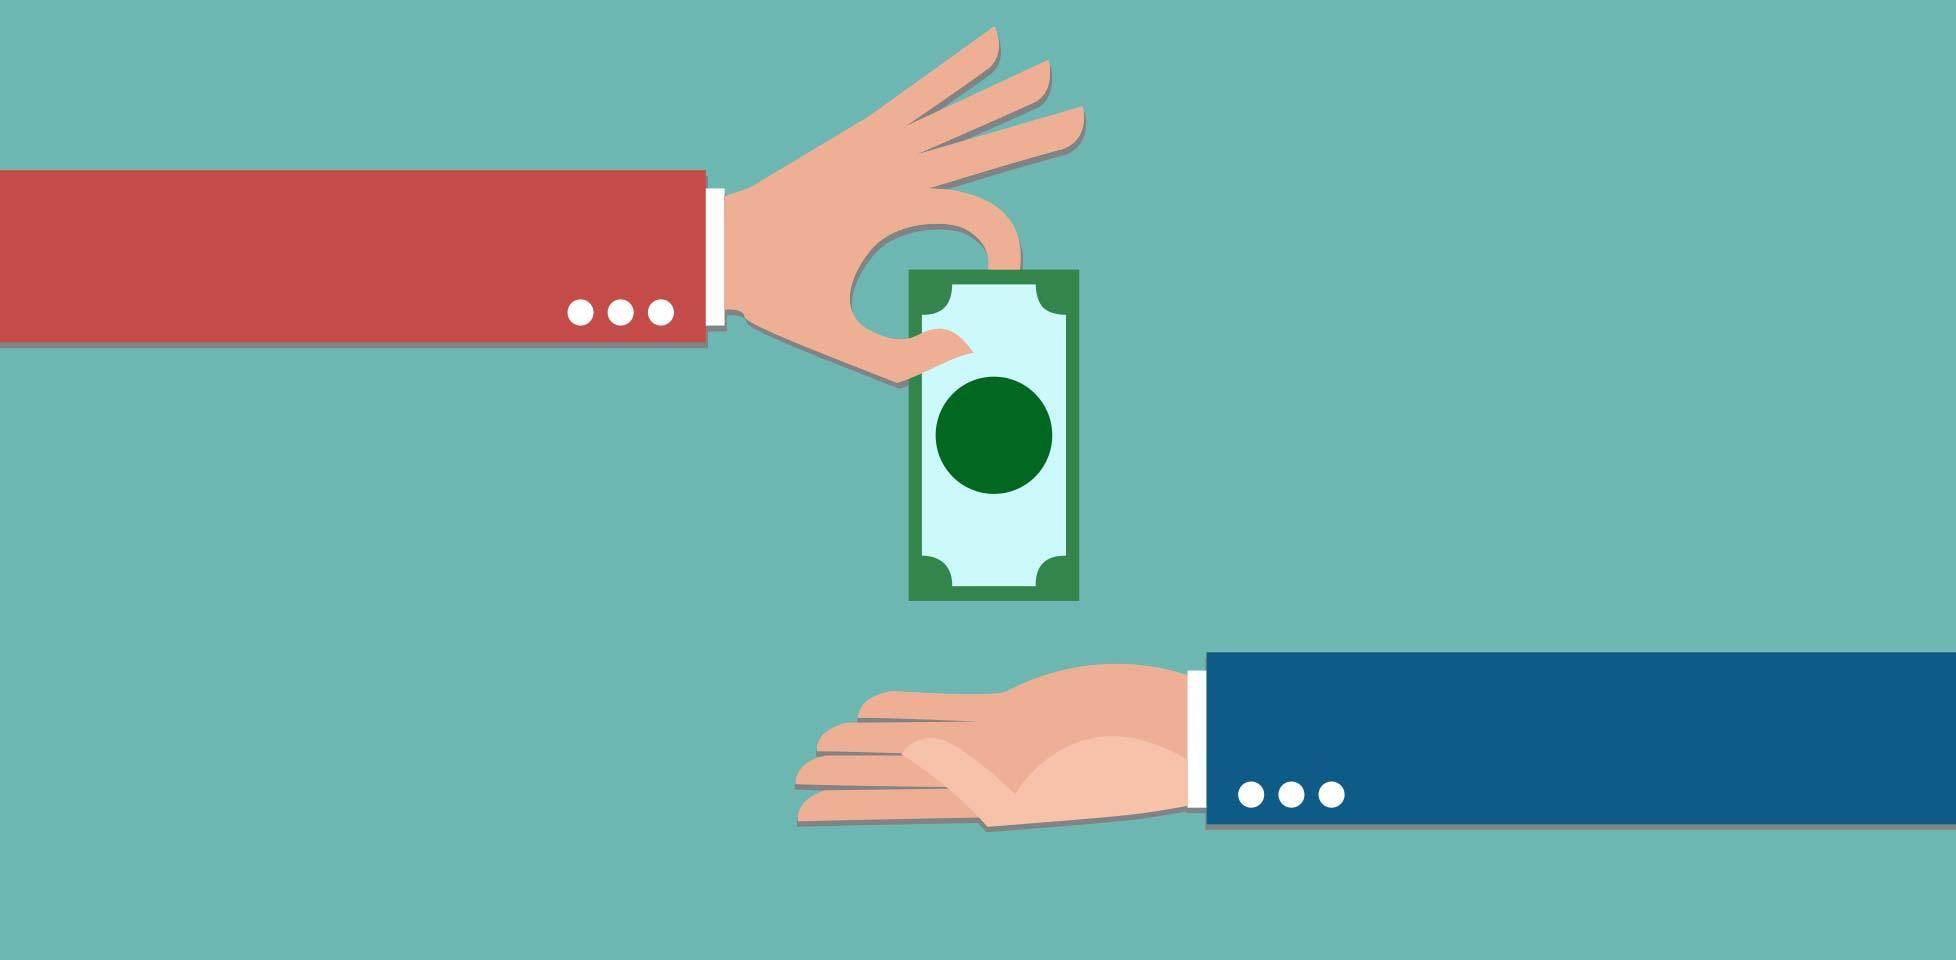 Cuánto cobrar por asesoría consultoría - ¿Cómo tarifar servicios de asesoría y gestión?